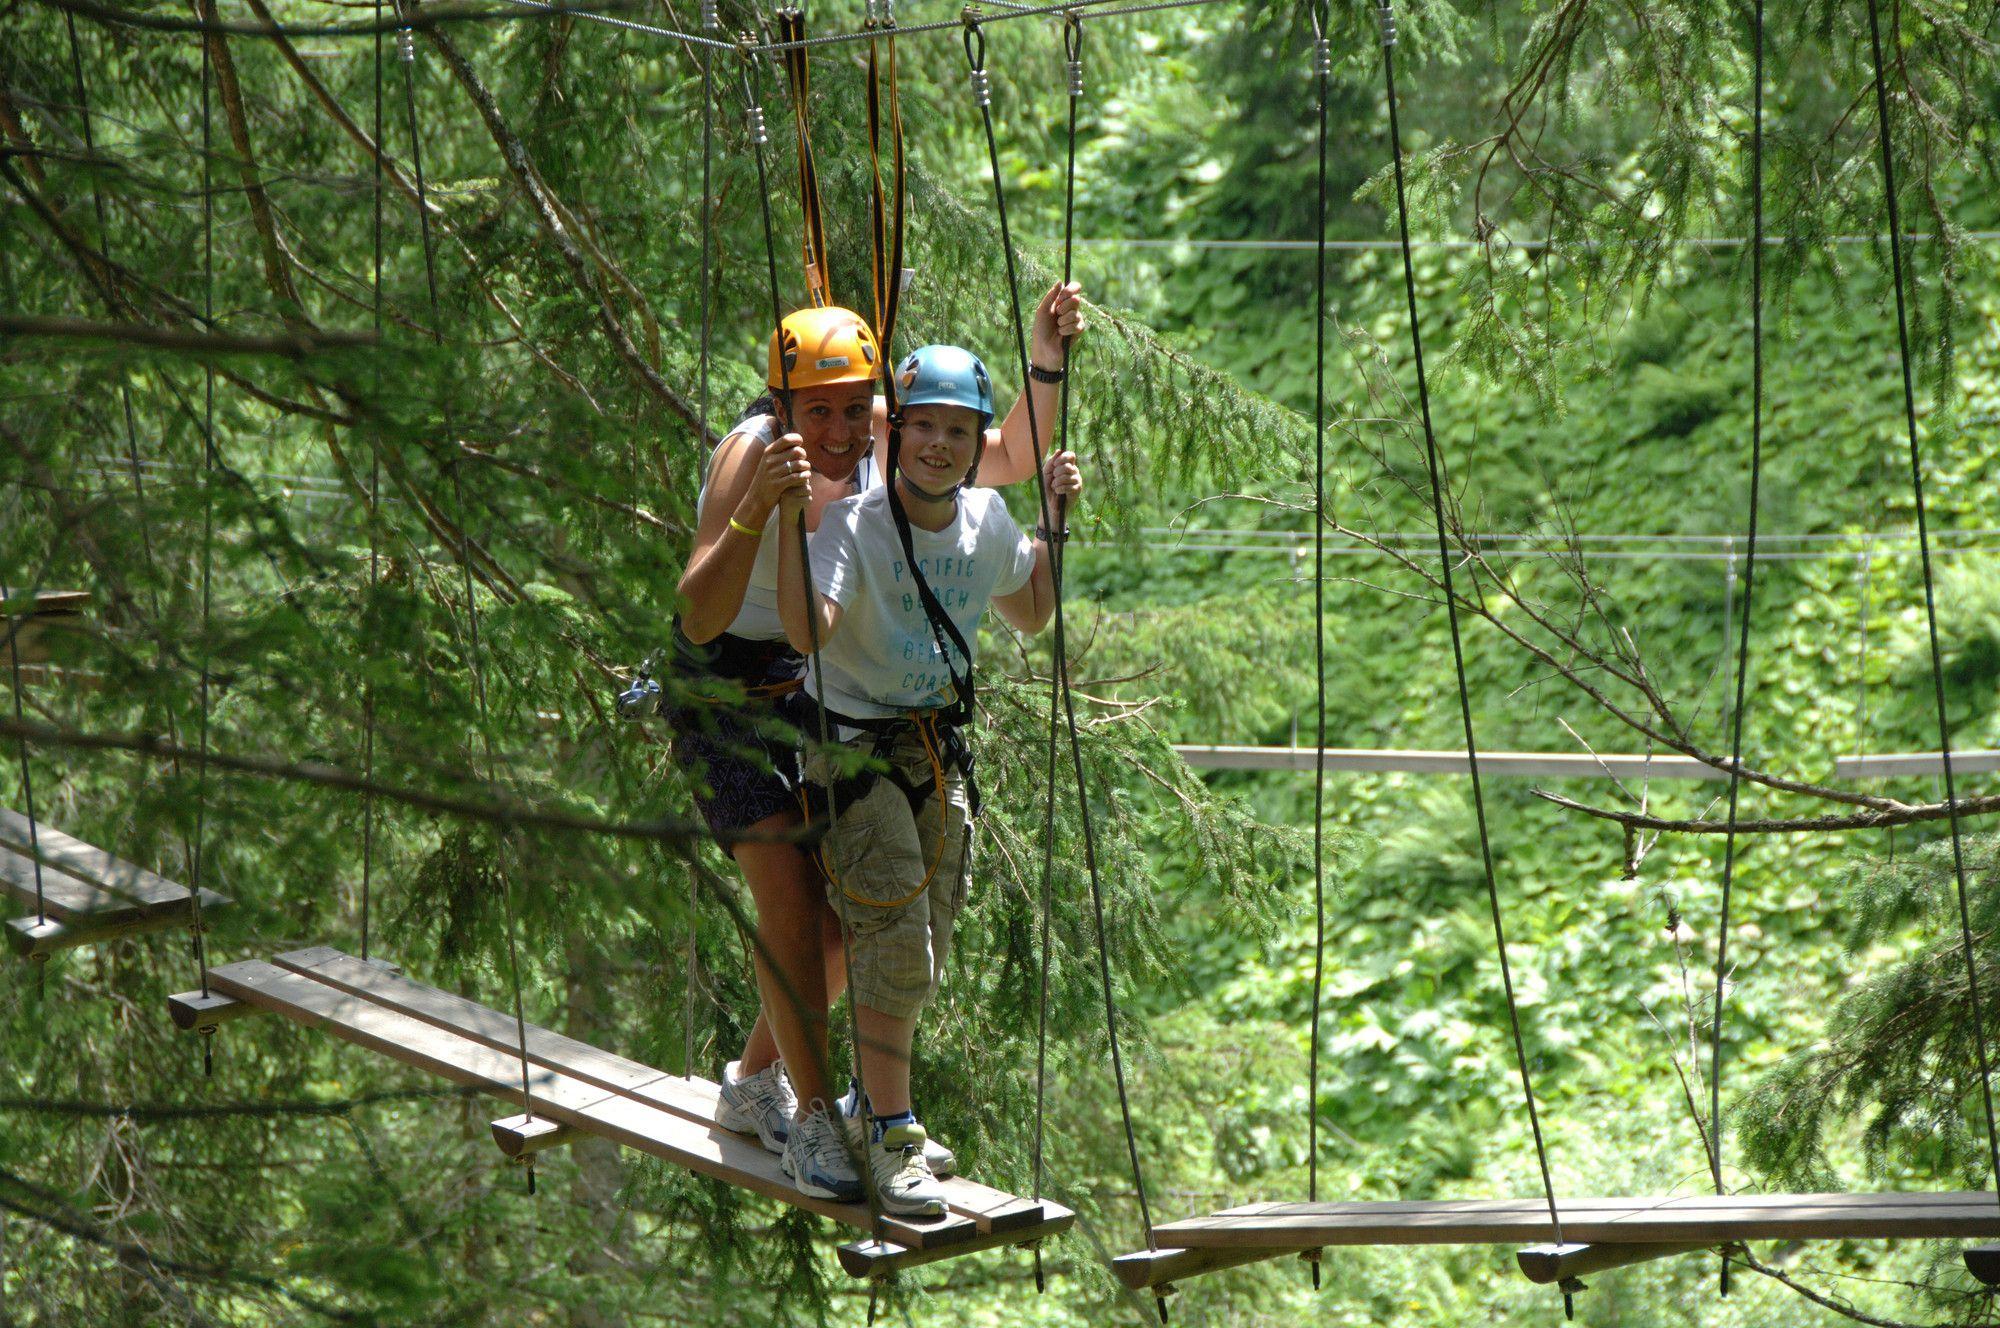 Klettermax & Mutige holen sich ihren Adrenalin-Kick im Hochseilpark Saalbach Hinterglemm https://www.hotel-talblick.at/sommer/klettern-hochseilpark-saalbach.html